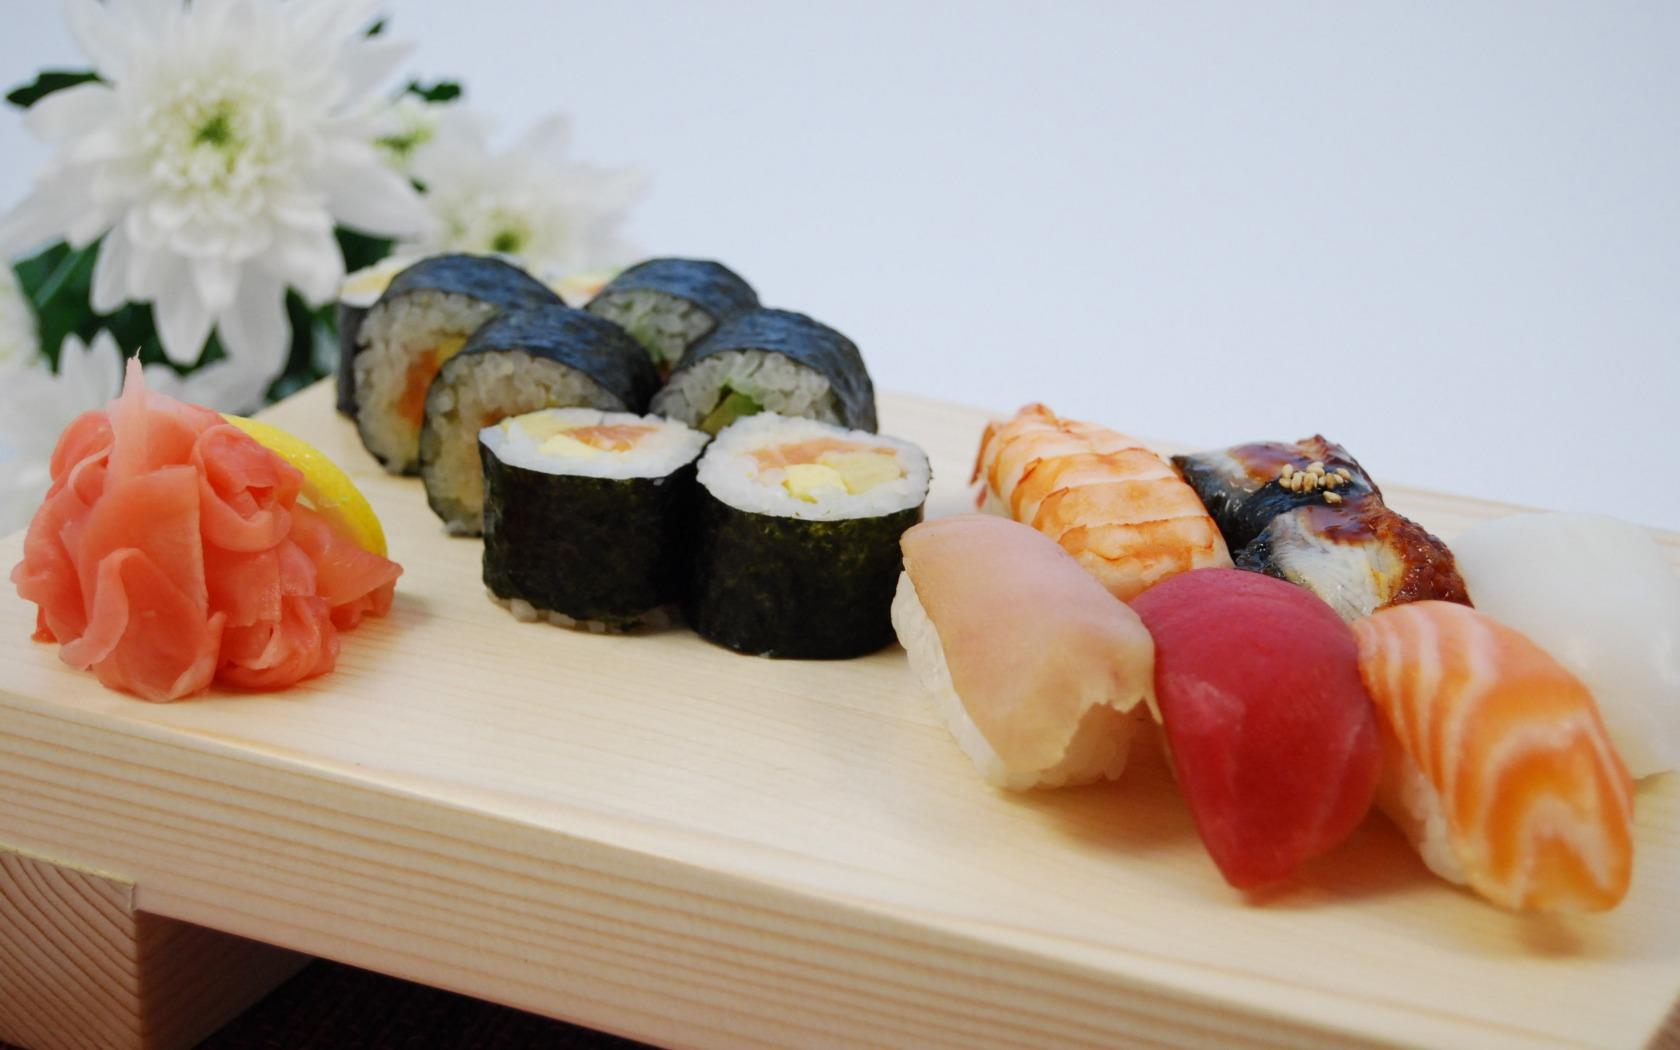 Wasabi Sushi Shop Wrocław Produkty i Akcesoria do Sushi i Kuchni Orientalnej (105)